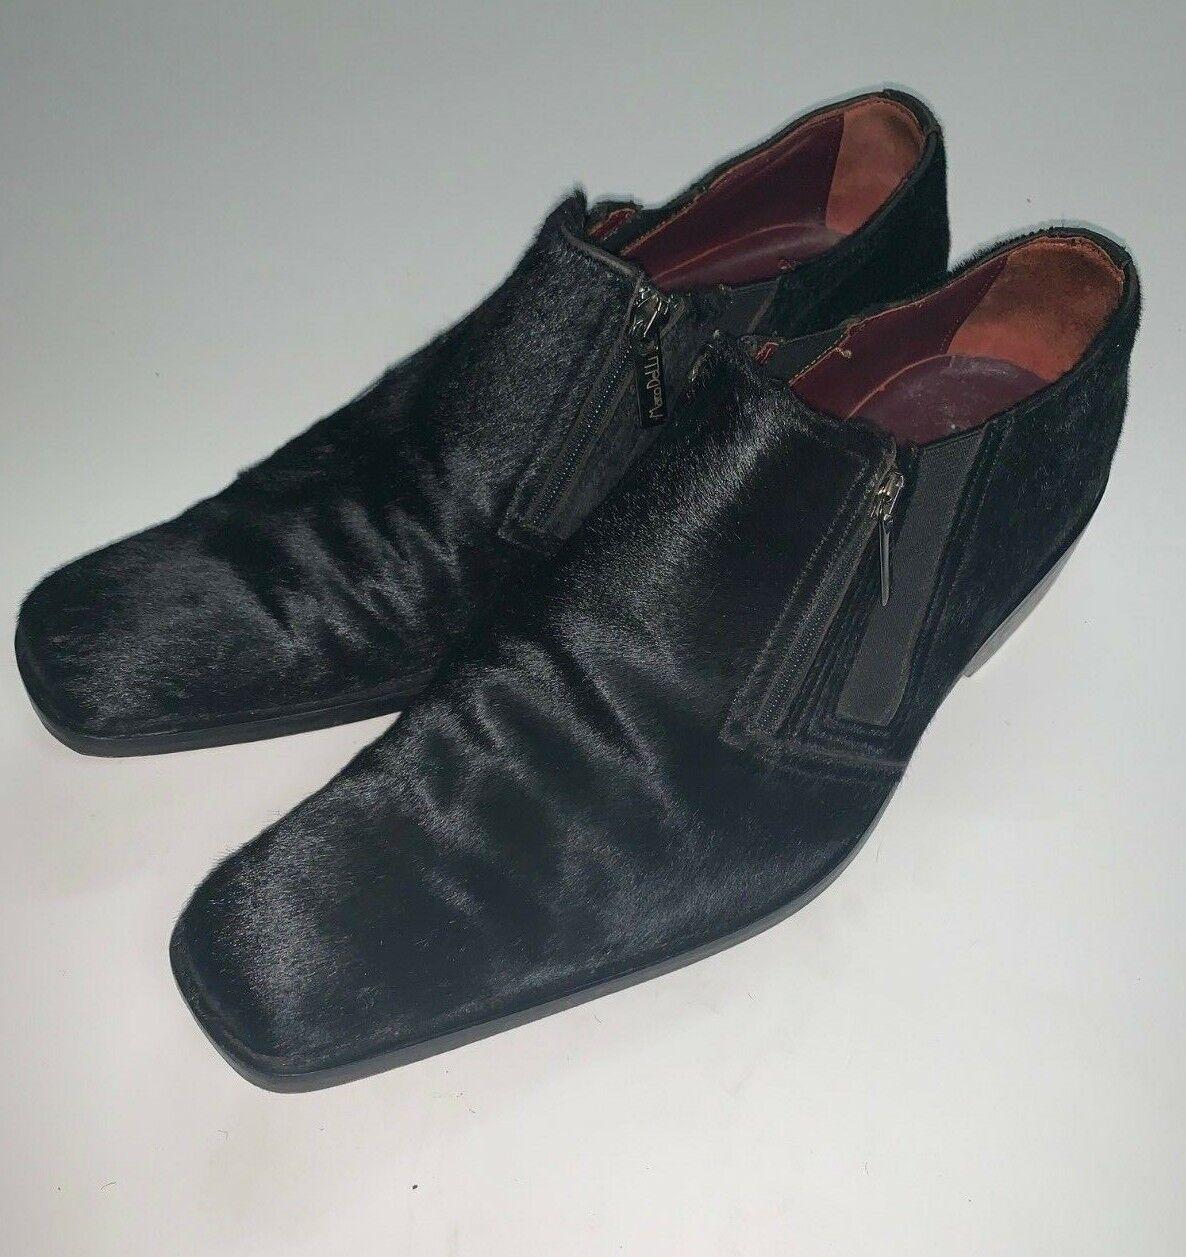 Marco Delli de vestir Zapatos para hombre Talla 9.5 Pony Cabello Negro Cuero Mocasines De Cremallera